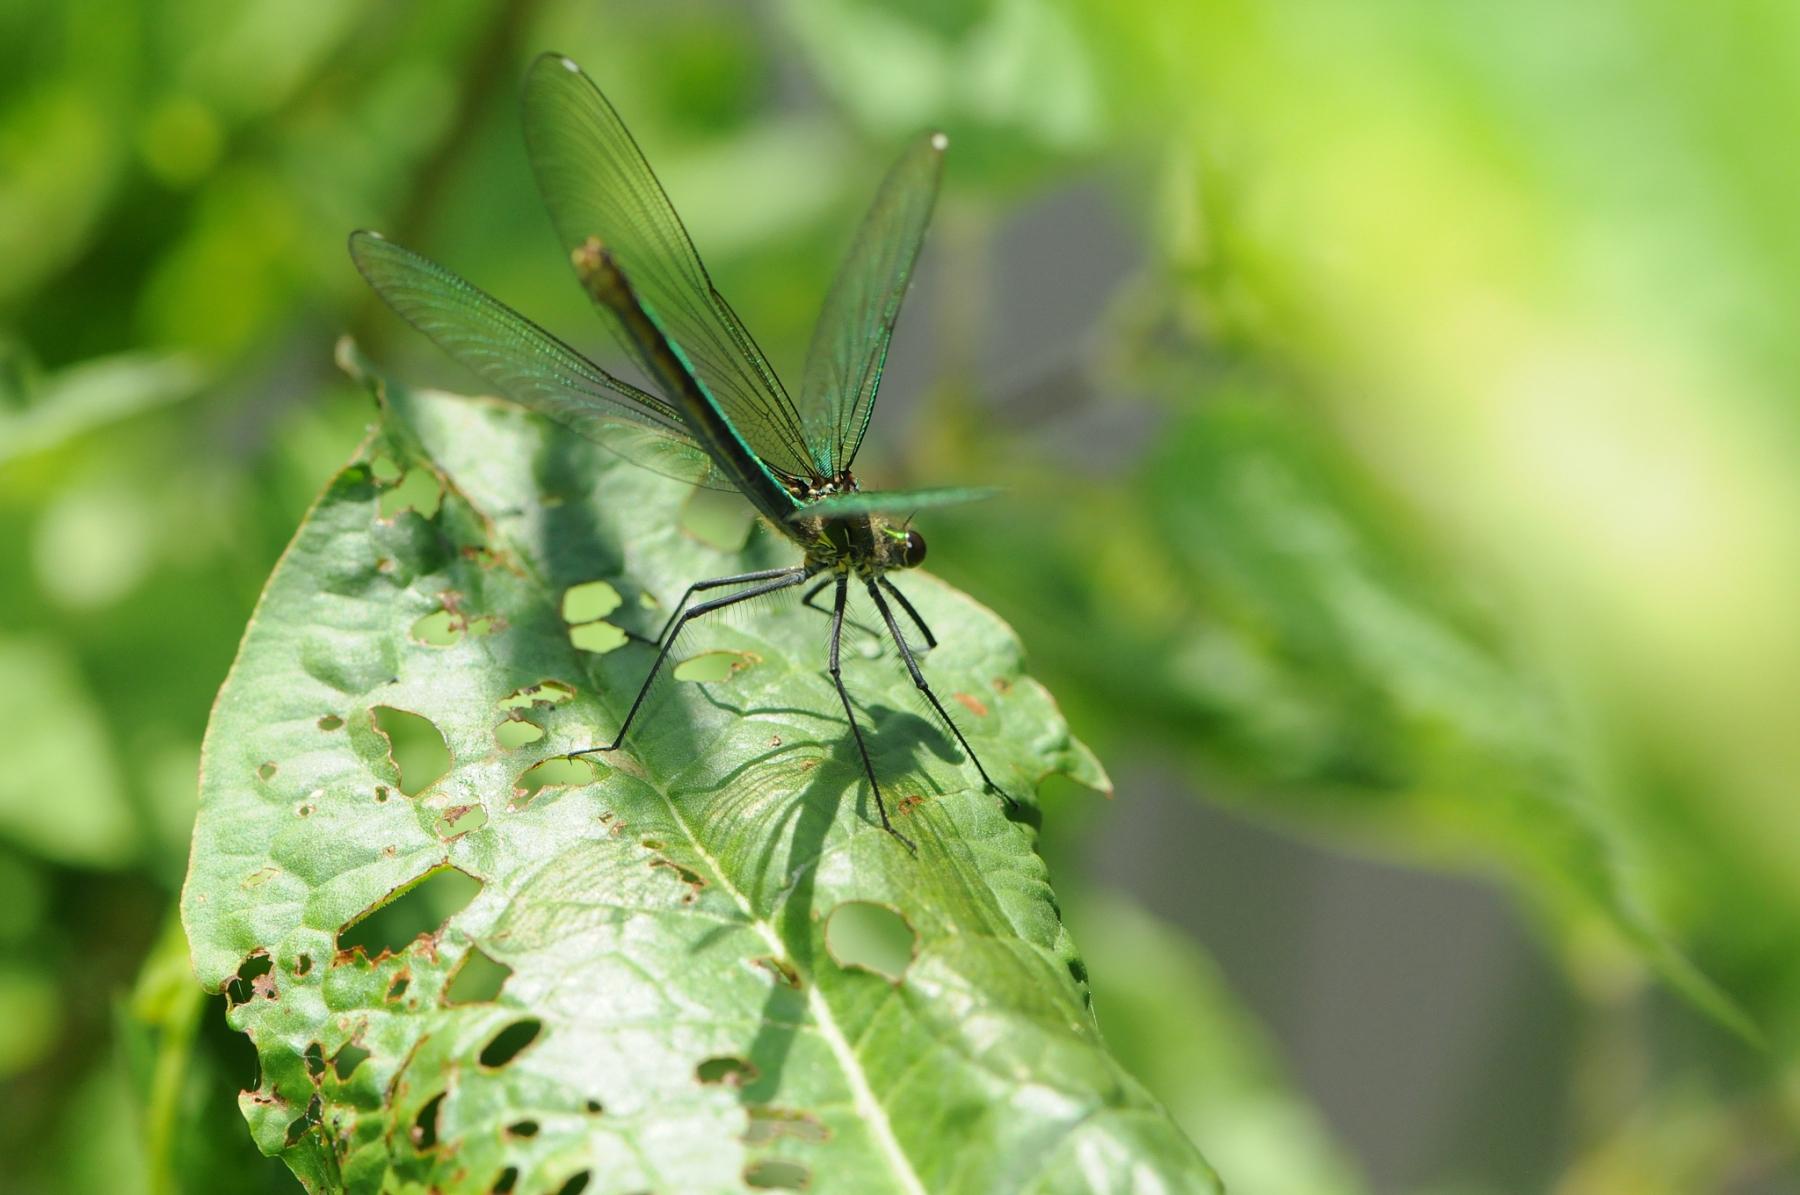 Banded Damoiselle - Calopteryx splendens (female), Denaby Ings.